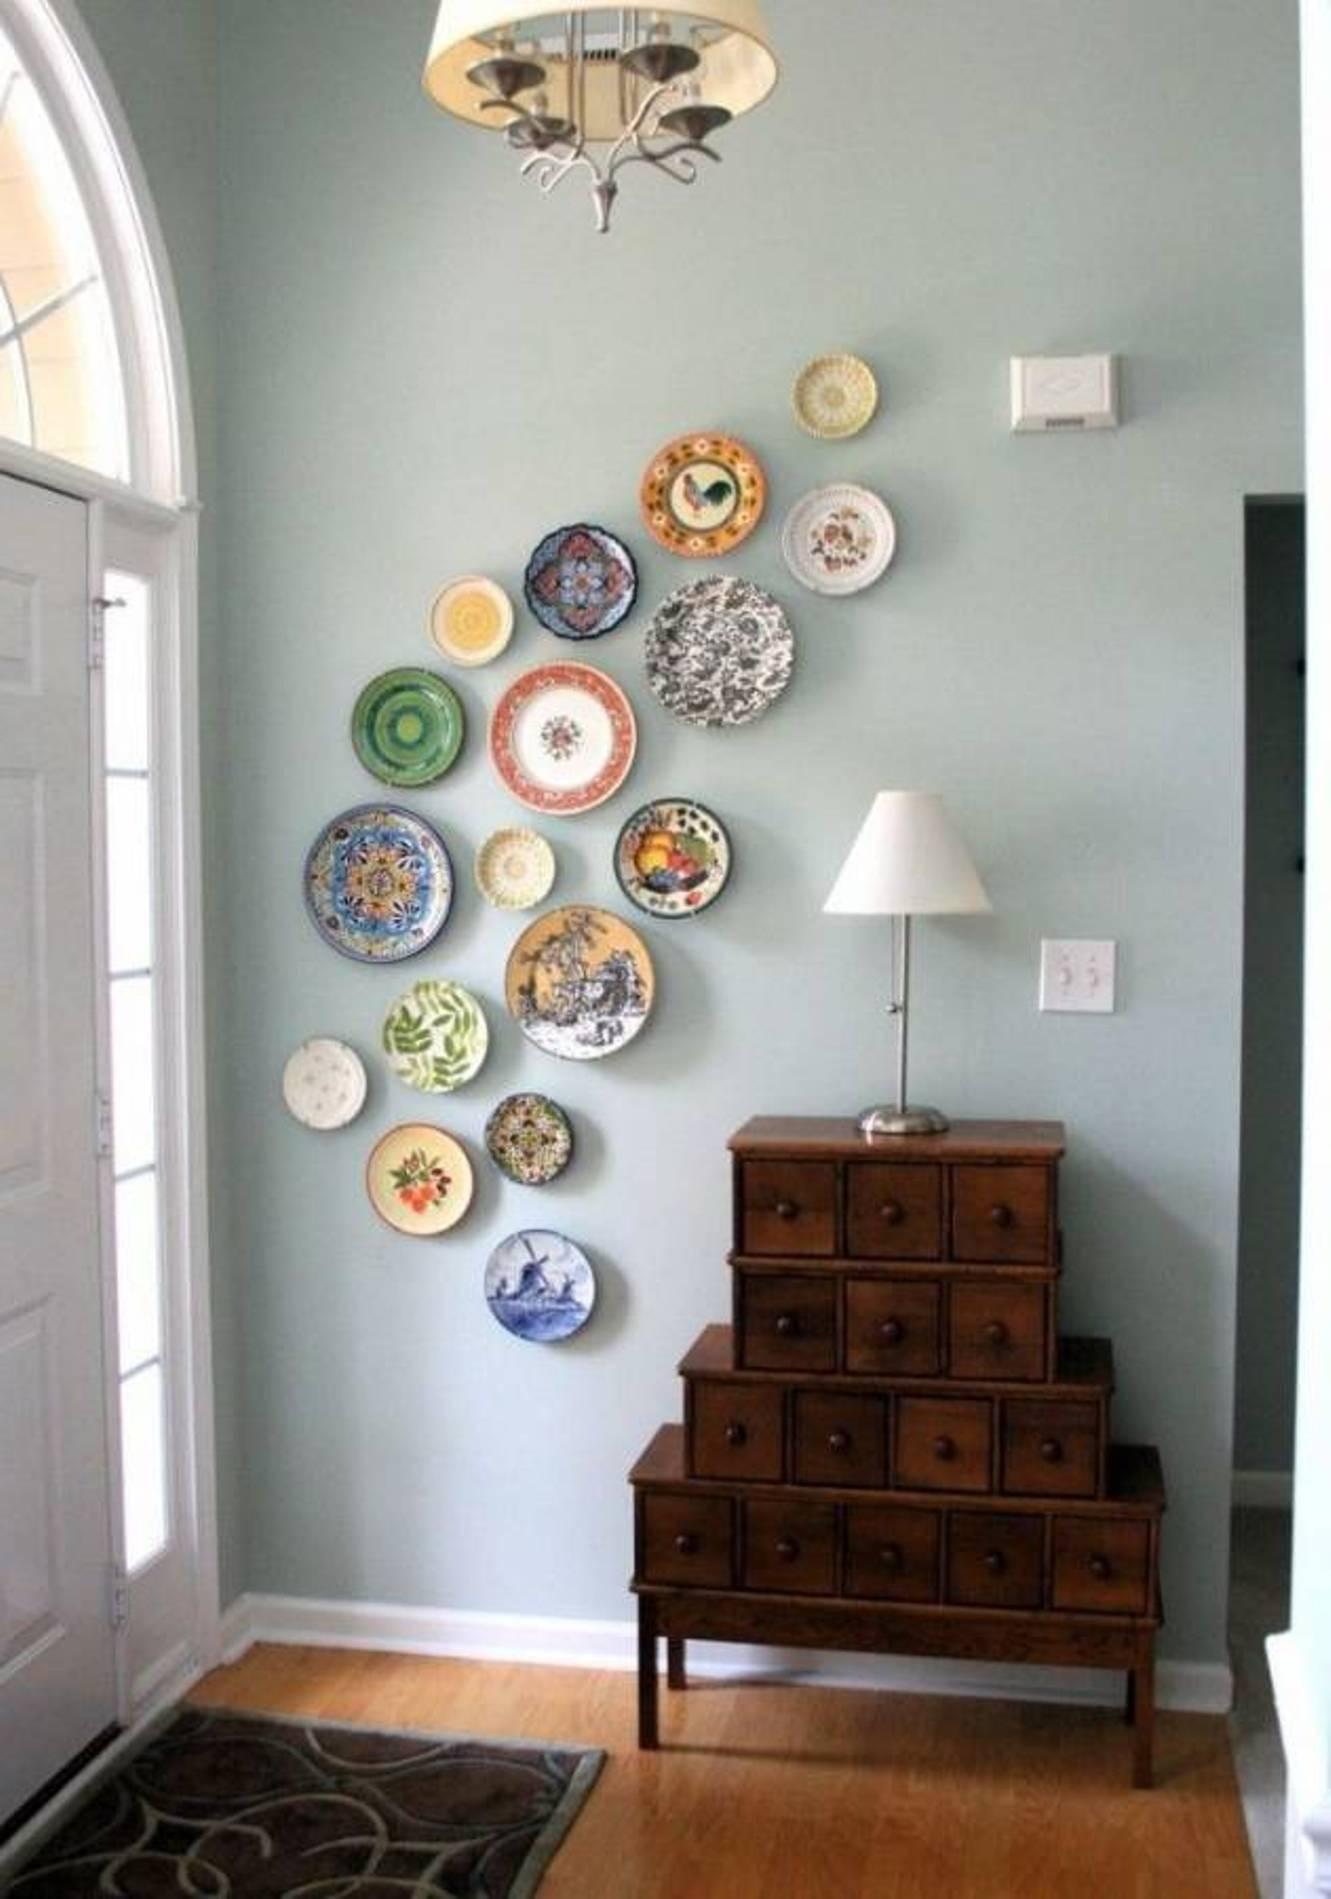 Wall Decor: दीवारों को सजाने के 10 आसान आइडिया, देखिए तस्वीरें -  10-wall-decorartion-ideas-for-home - Nari Punjab Kesari